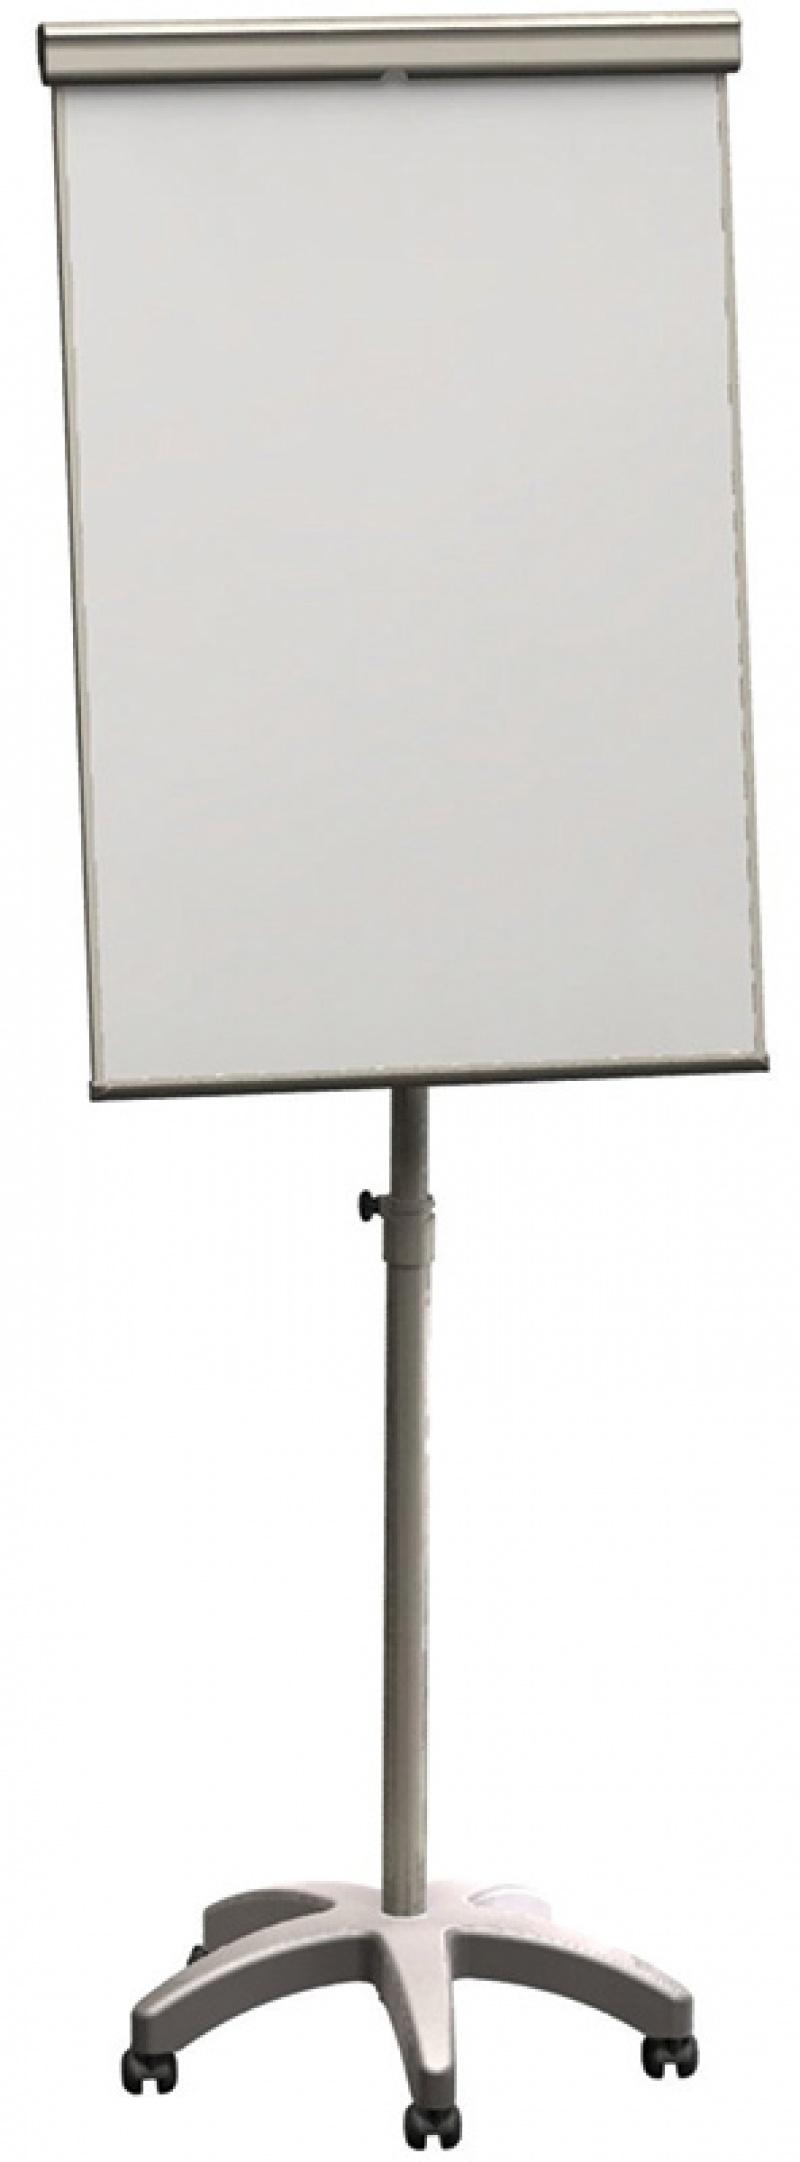 Flipchart mobilny FRANKEN, 68x105cm, tablica suchoś. -magn., Flipcharty, Prezentacja